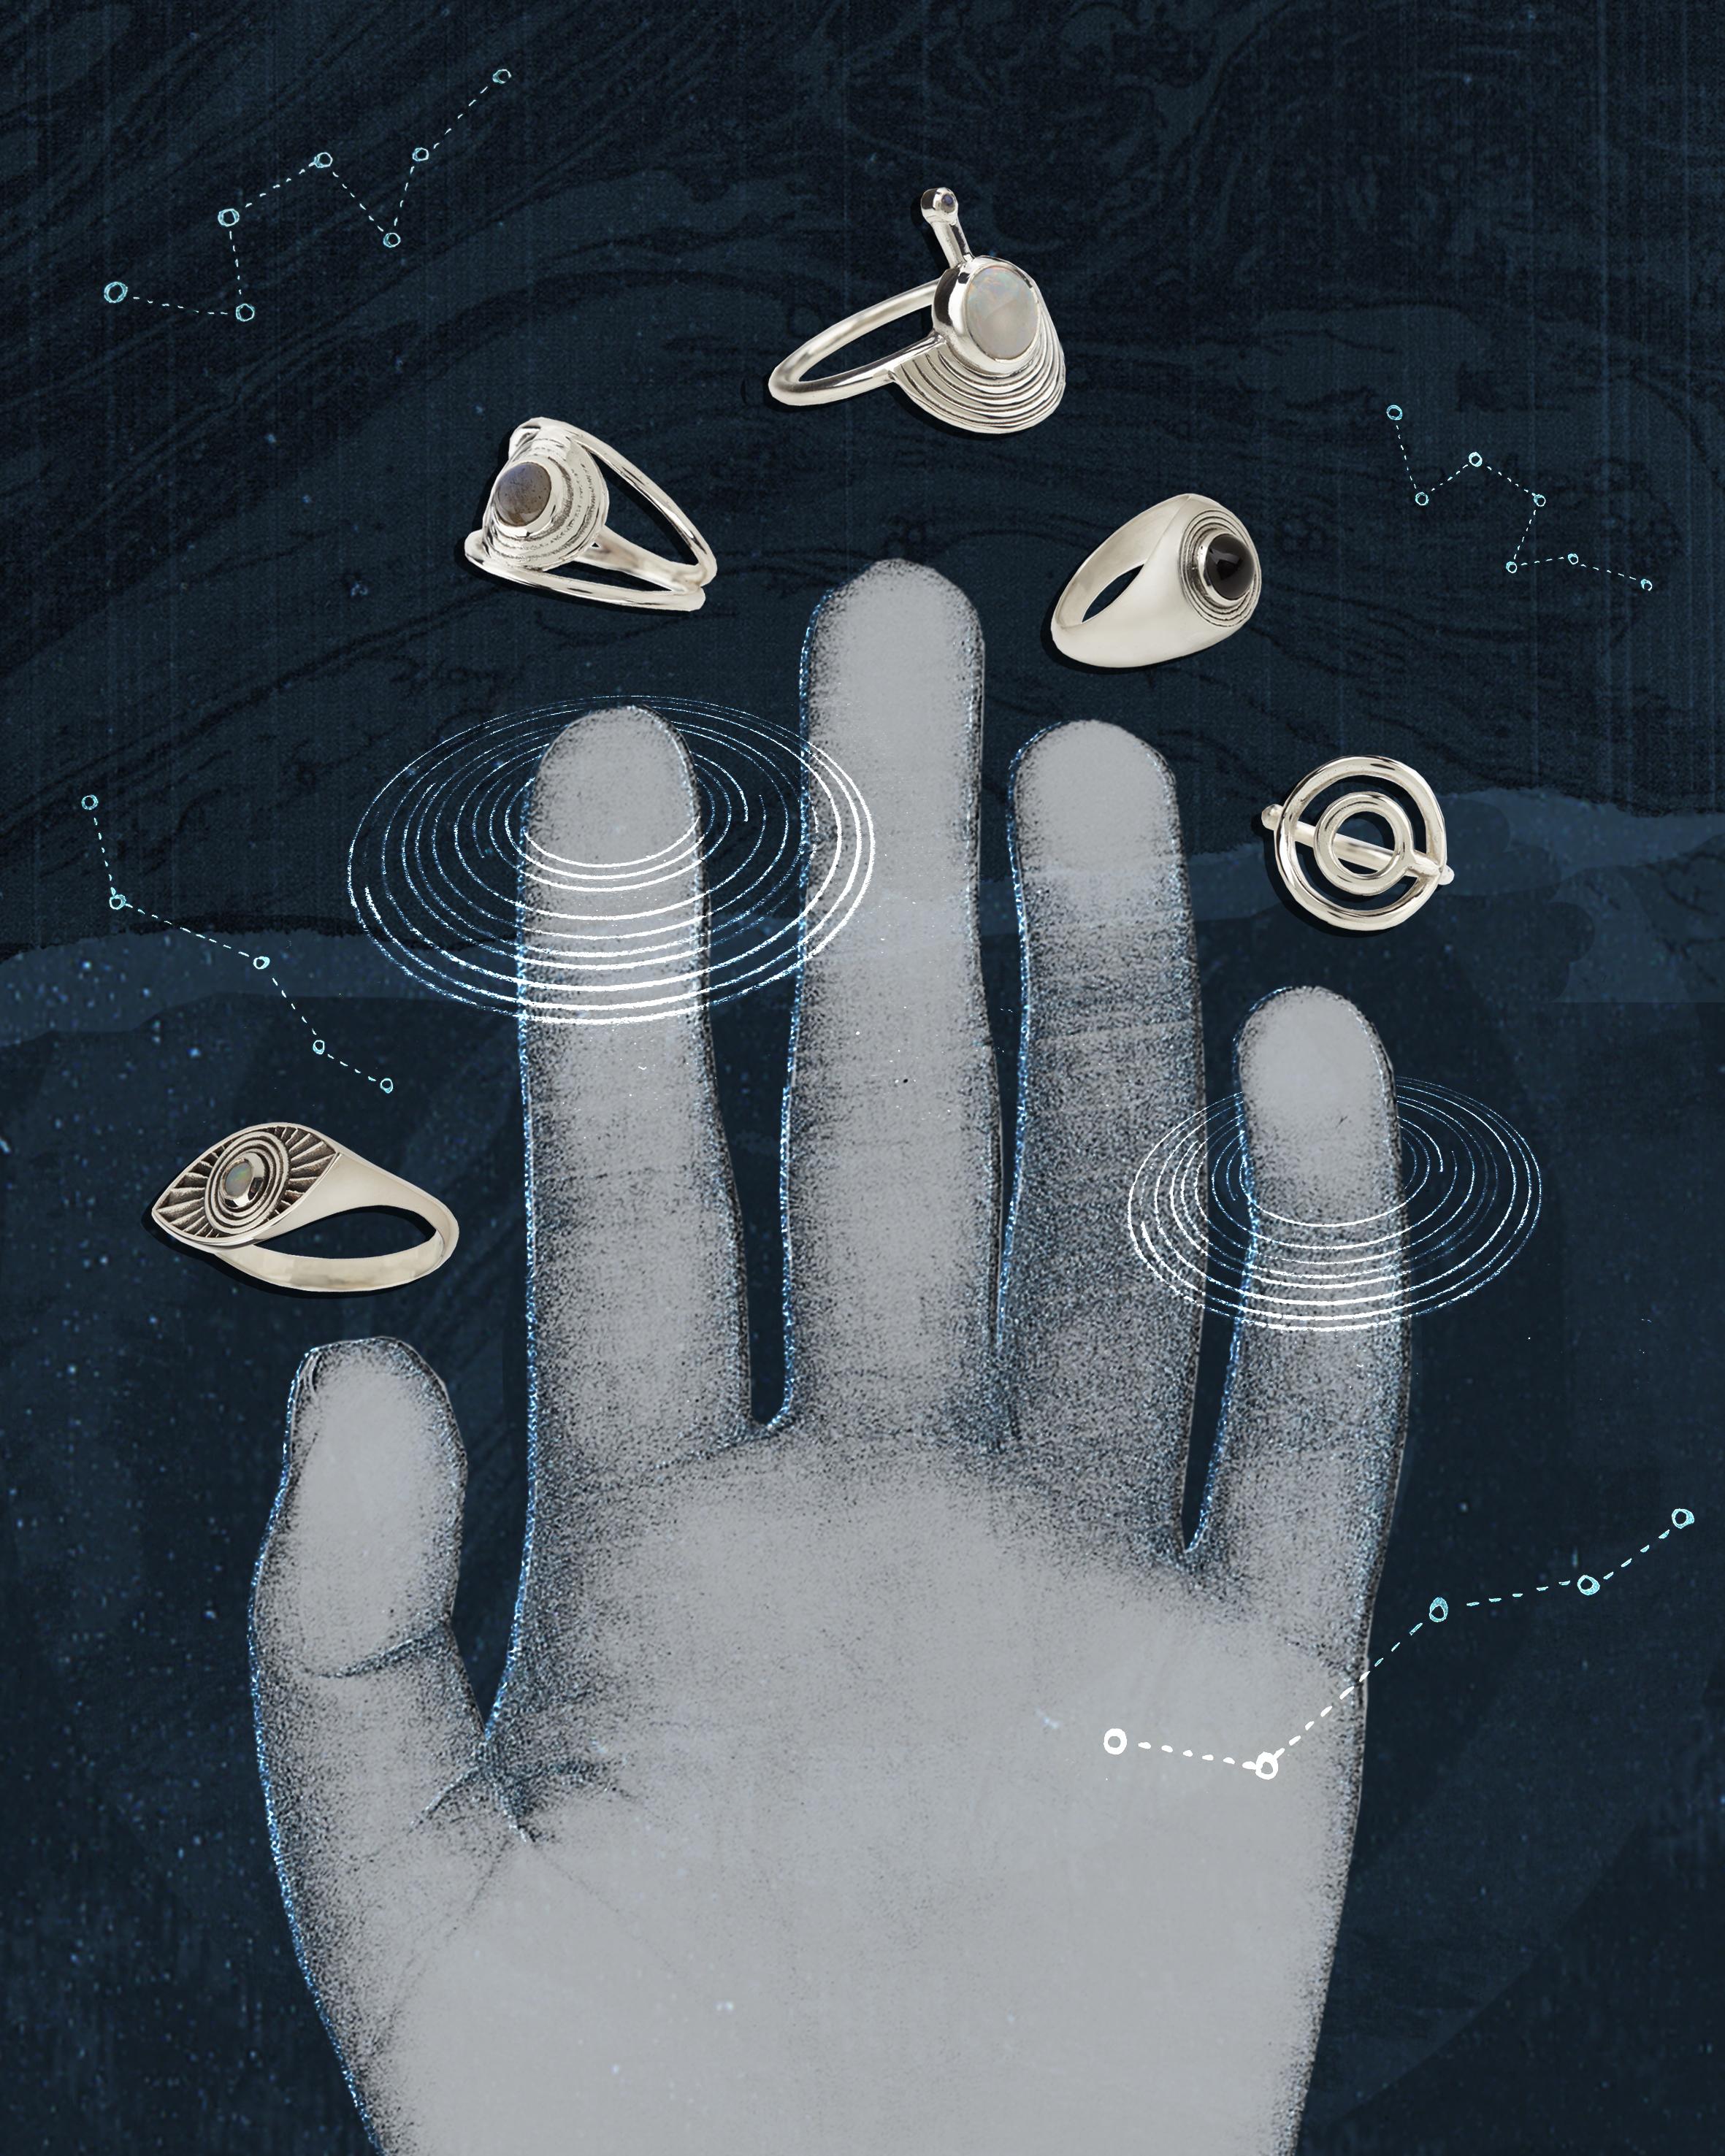 Loveblood - Rosie Carmicheal - collage3.jpg